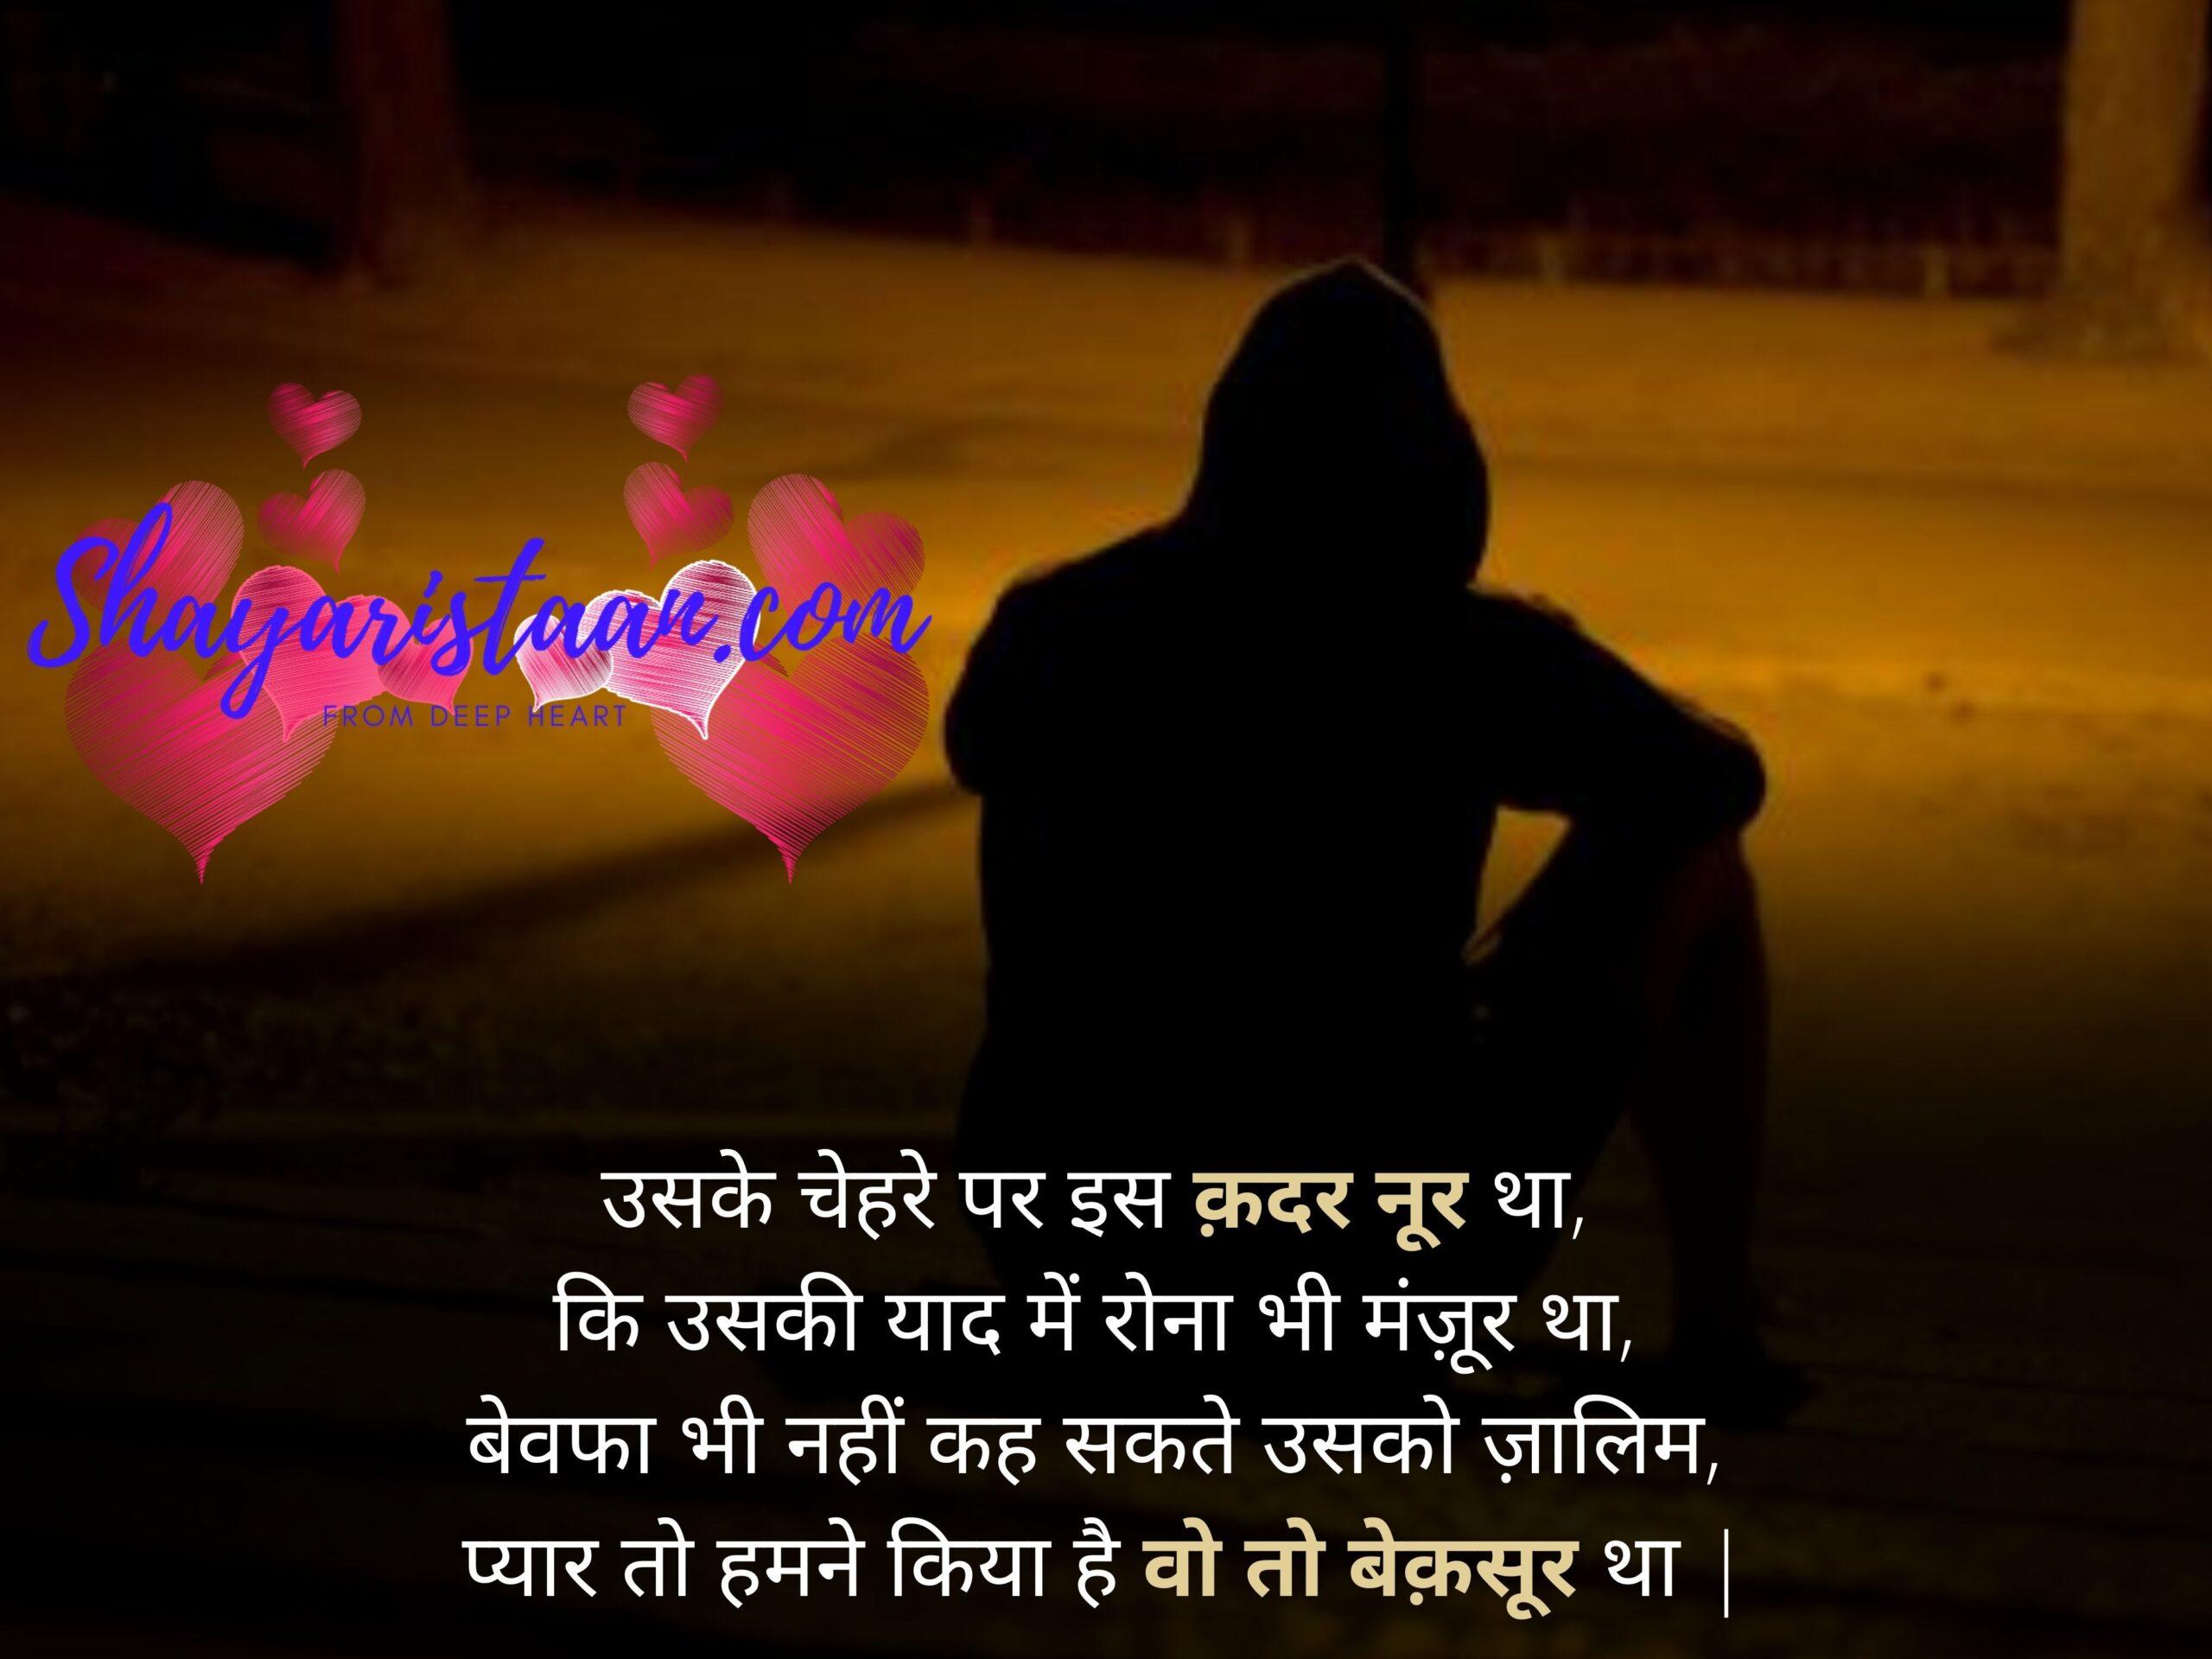 hindi bewafa shayari  | उसके चेहरे पर इस क़दर नूर था,  कि उसकी याद में रोना भी मंज़ूर था,  बेवफा भी नहीं कह सकते उसको ज़ालिम,  प्यार तो हमने किया है वो तो बेक़सूर था |